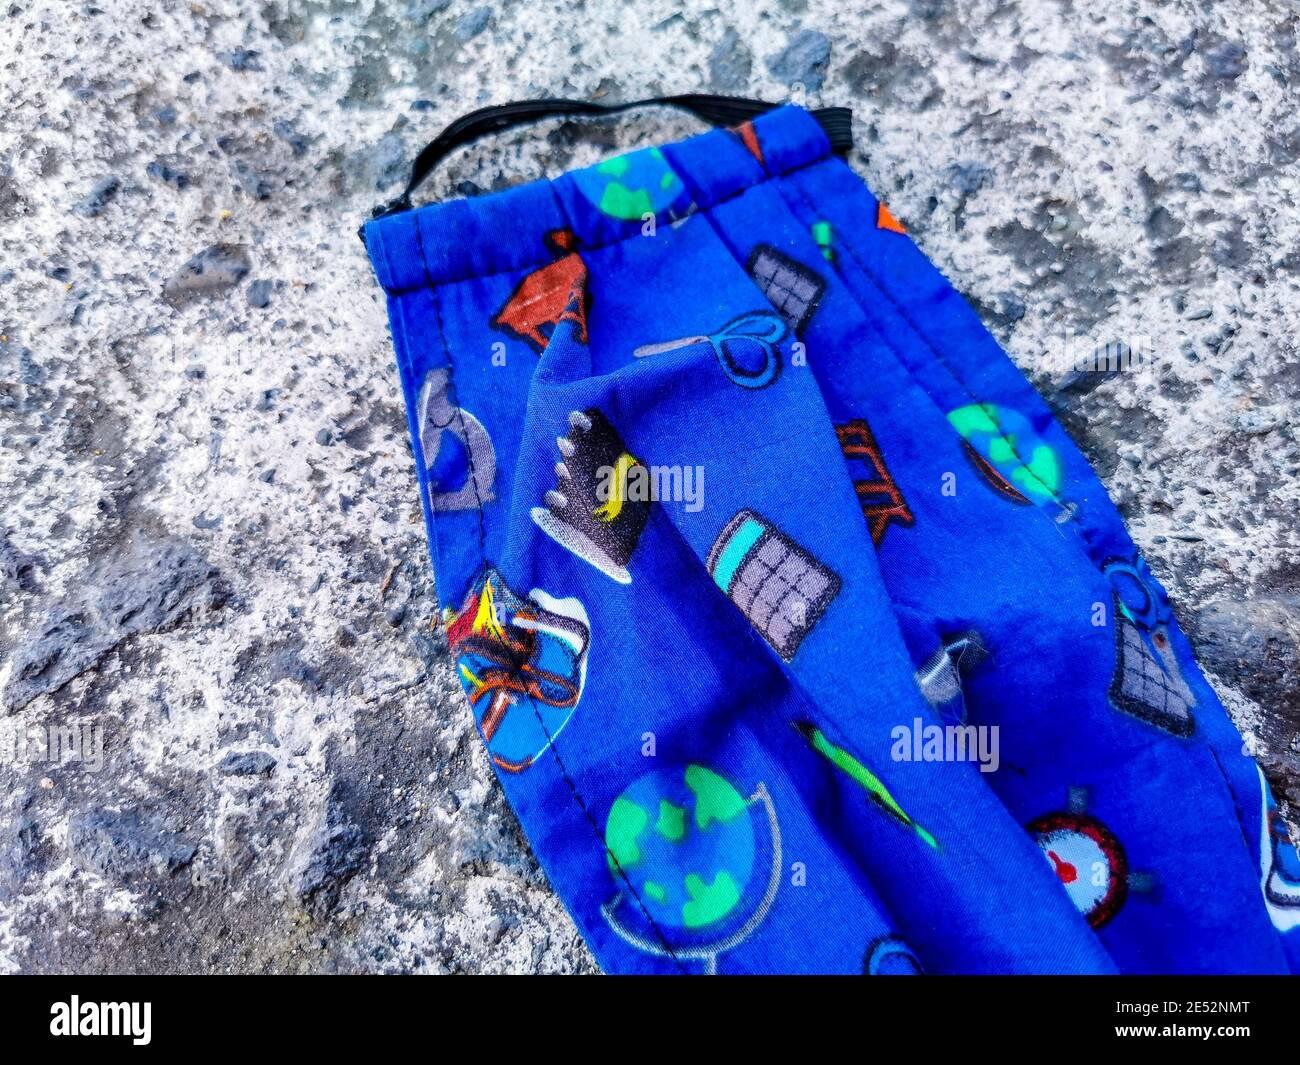 Maschere colorate blu per bambini a terra. Inquinamento da virus corona. Covid19. Foto Stock